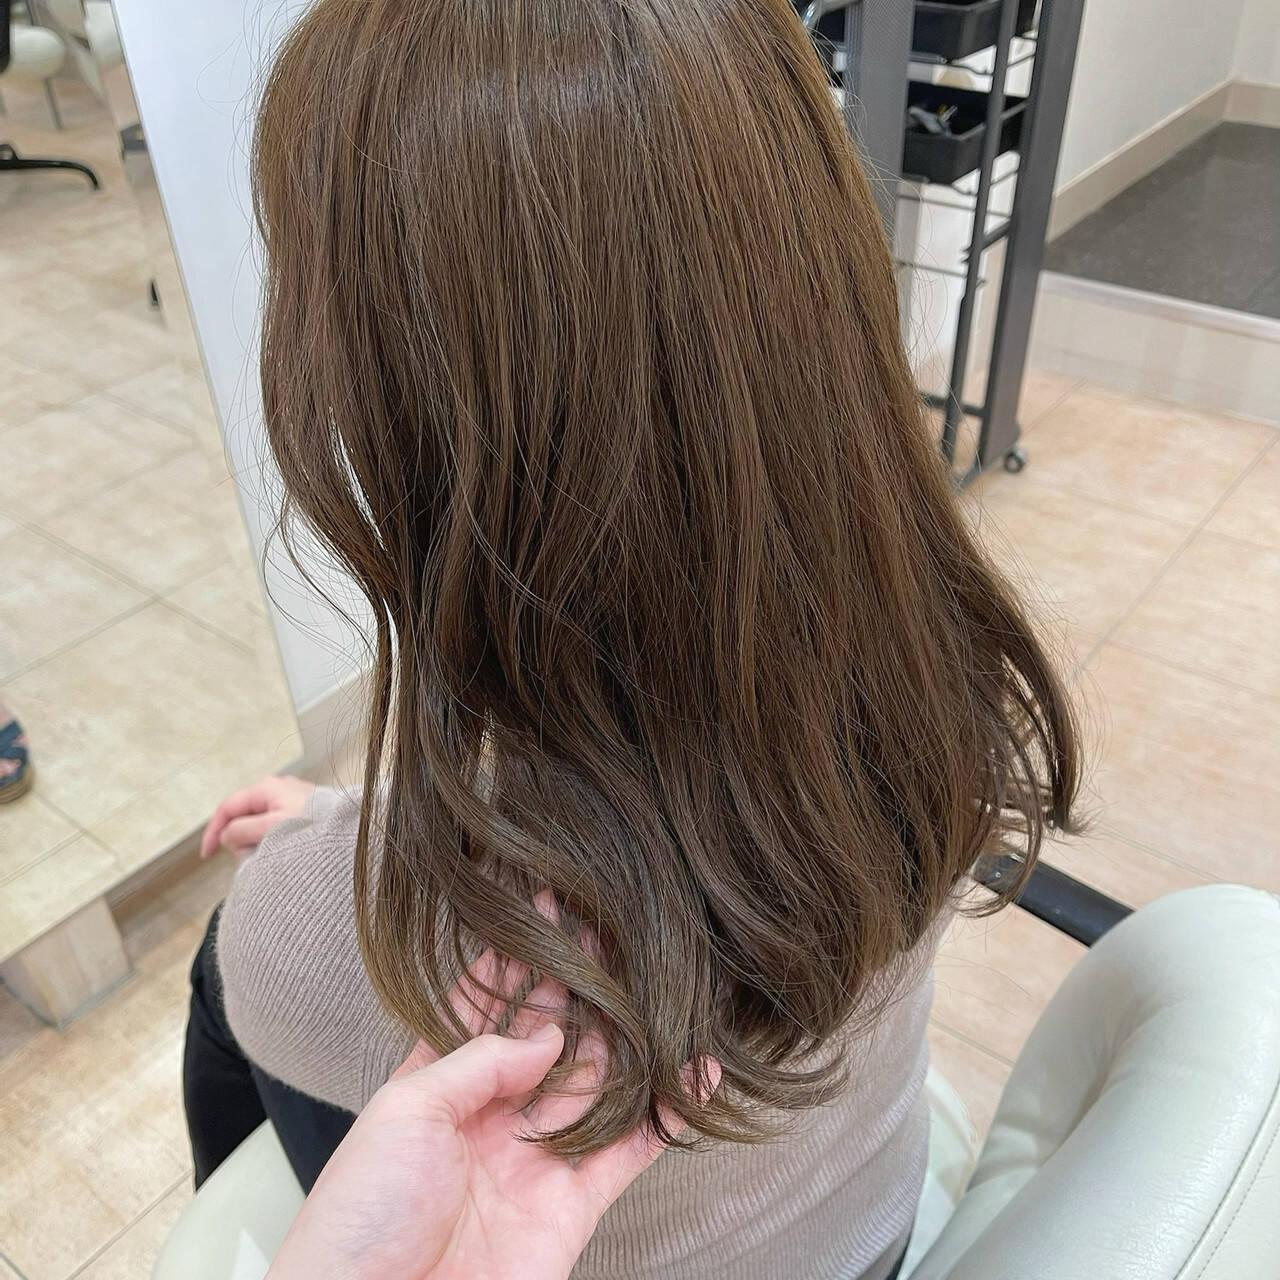 アッシュベージュ アッシュ イルミナカラー アッシュブラウンヘアスタイルや髪型の写真・画像